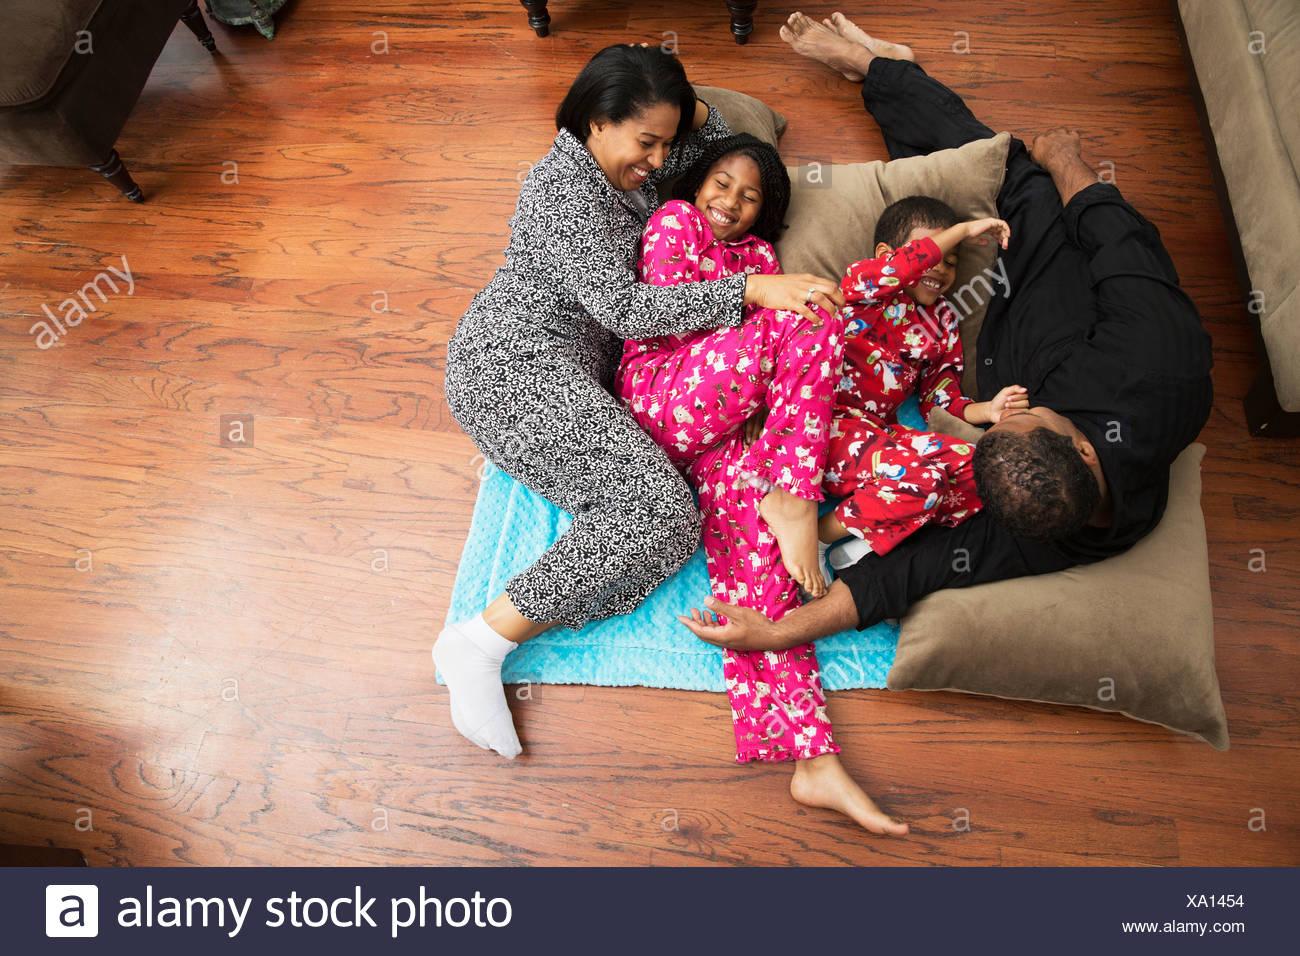 5ca9ad70f6 Metà coppia per adulti e bambini che giocano sul pavimento cuscini ...